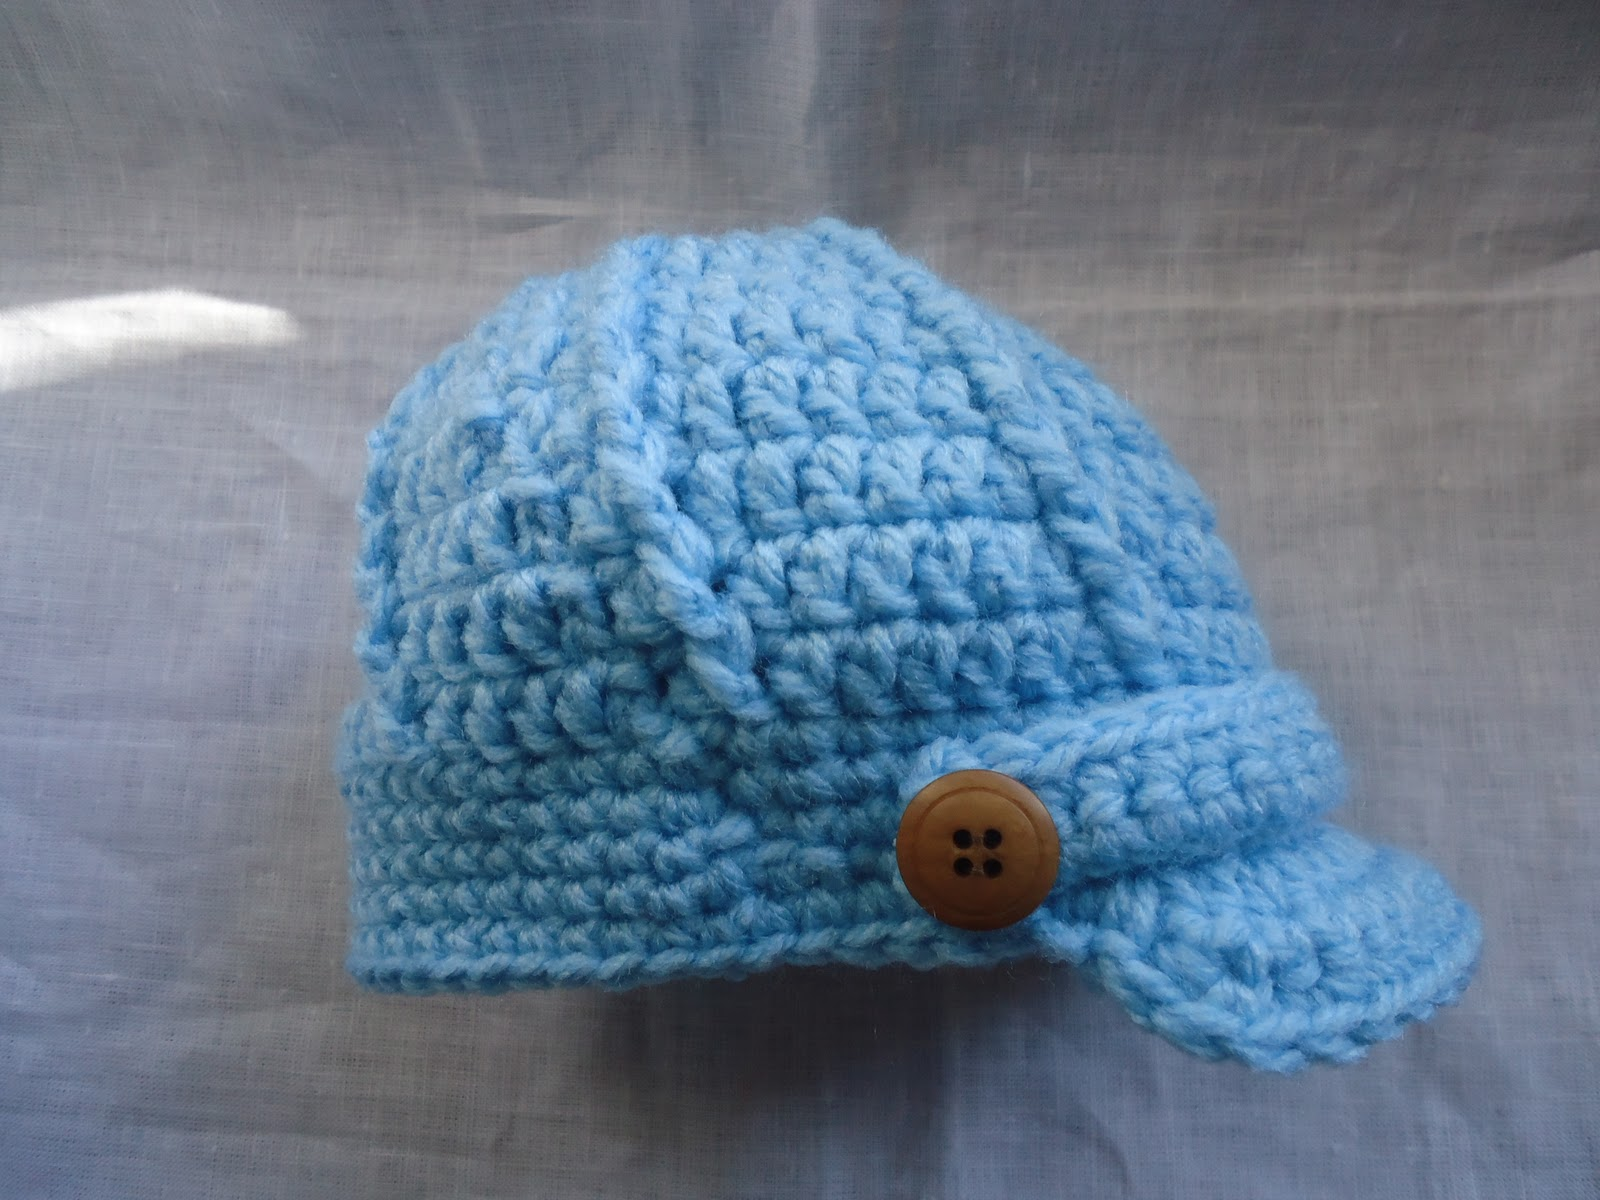 Gorro a crochet para bebé paso a paso - Imagui